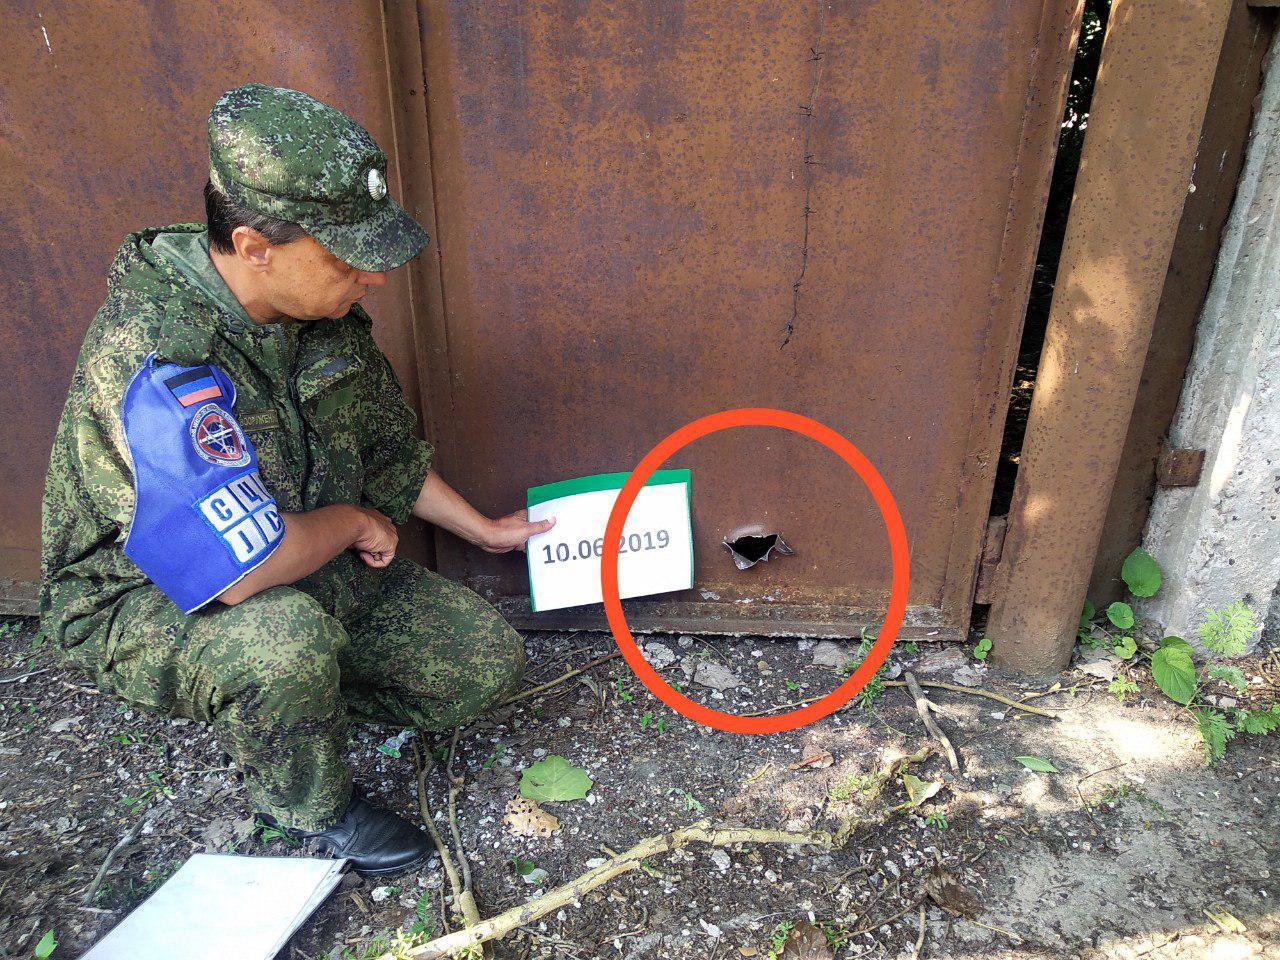 ВСУ за полтора часа выпустили по населенным пунктам ДНР 70 снарядов - СЦКК